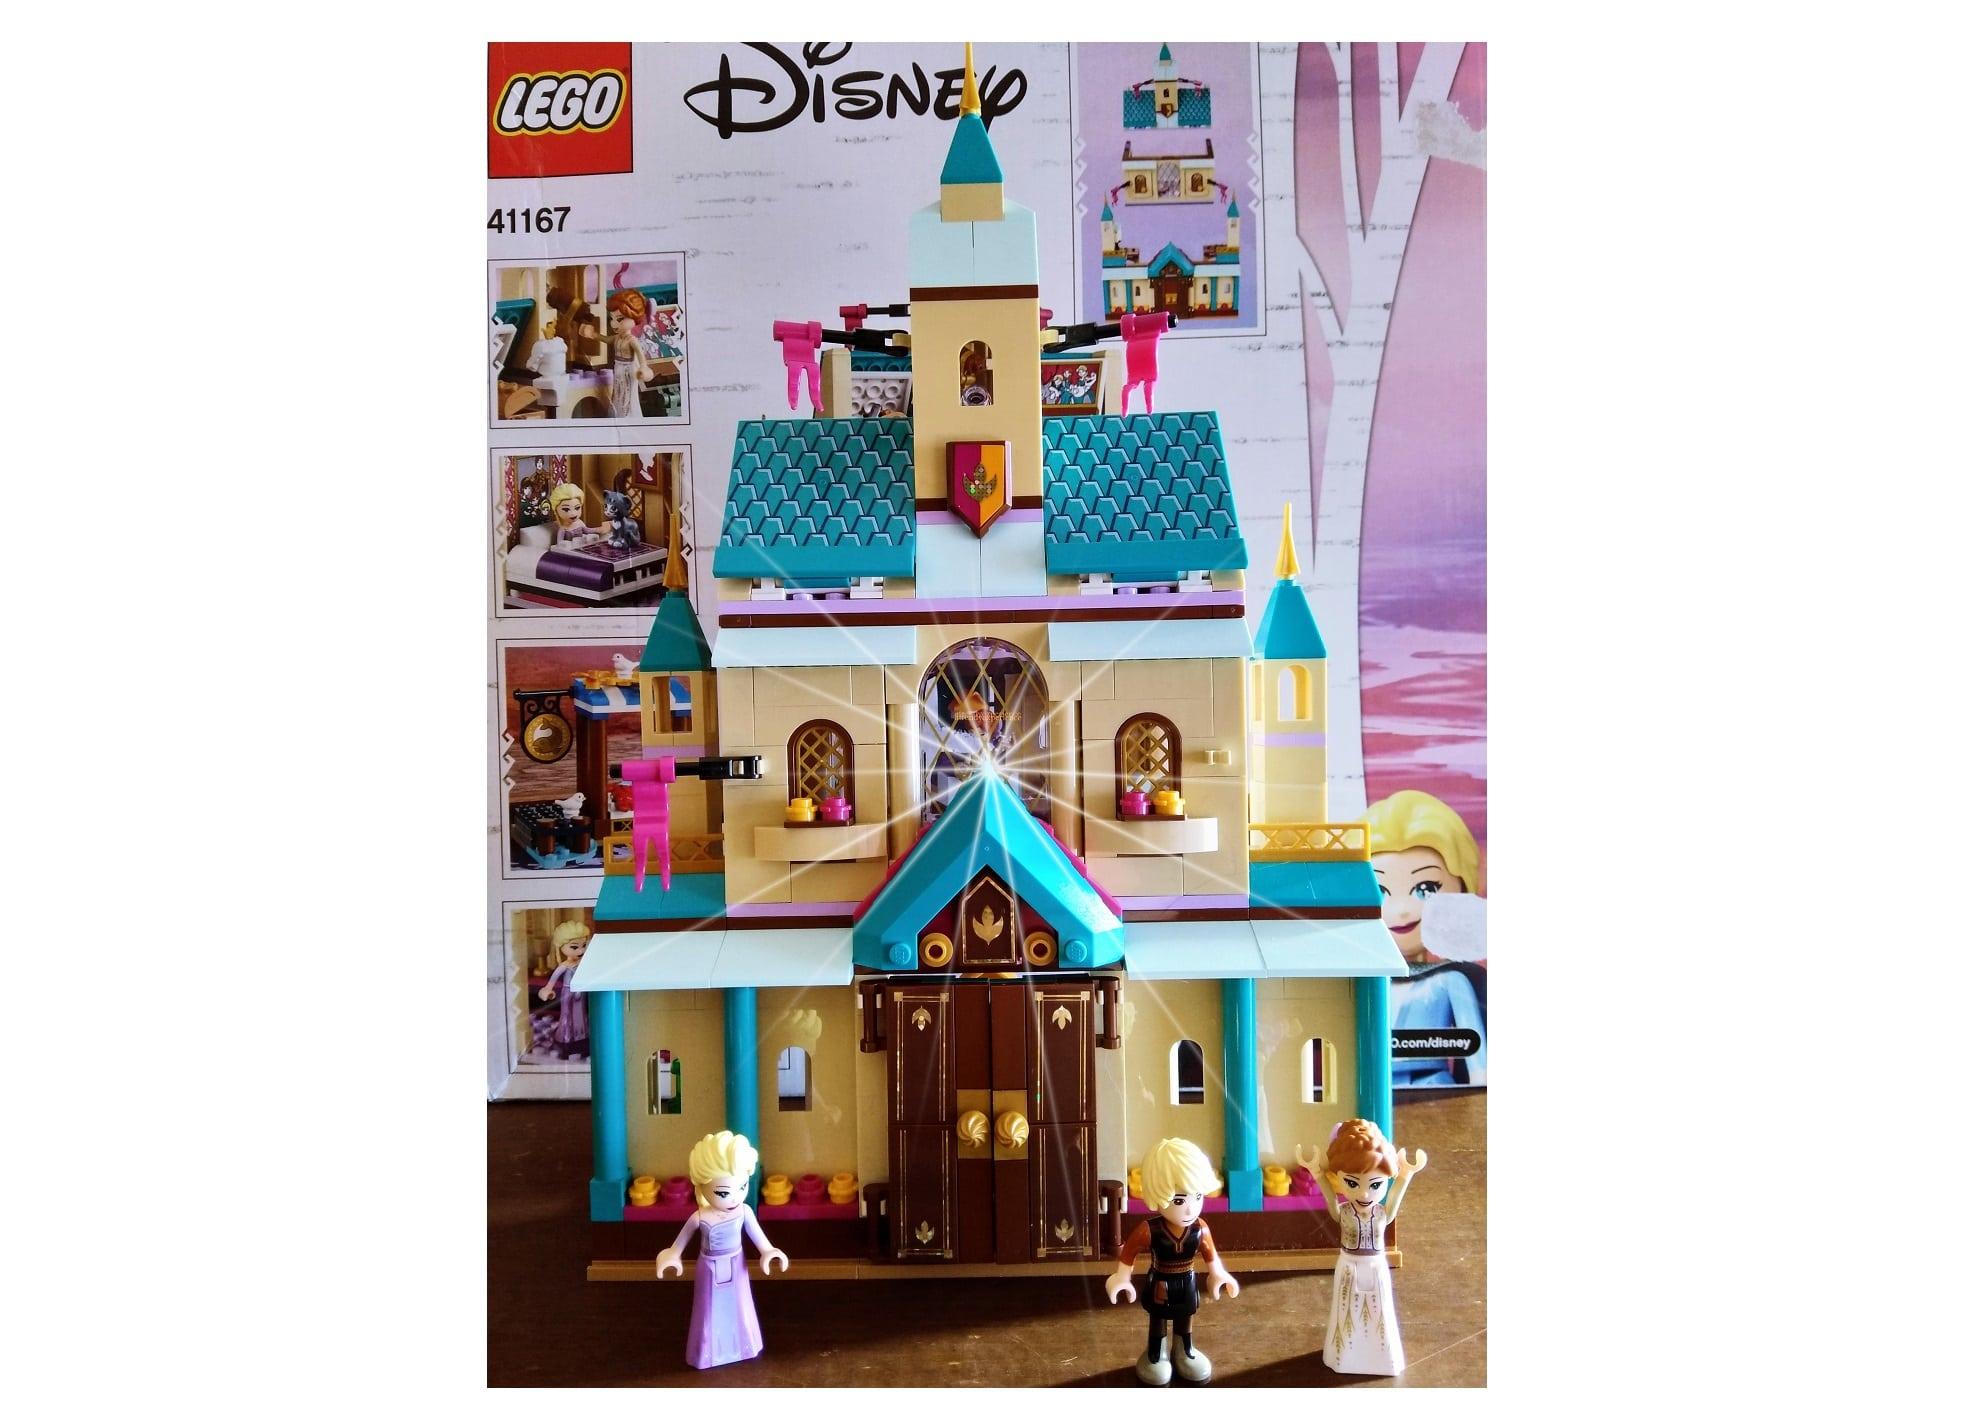 Il villaggio di Arendelle, Castello di Frozen Lego Disney